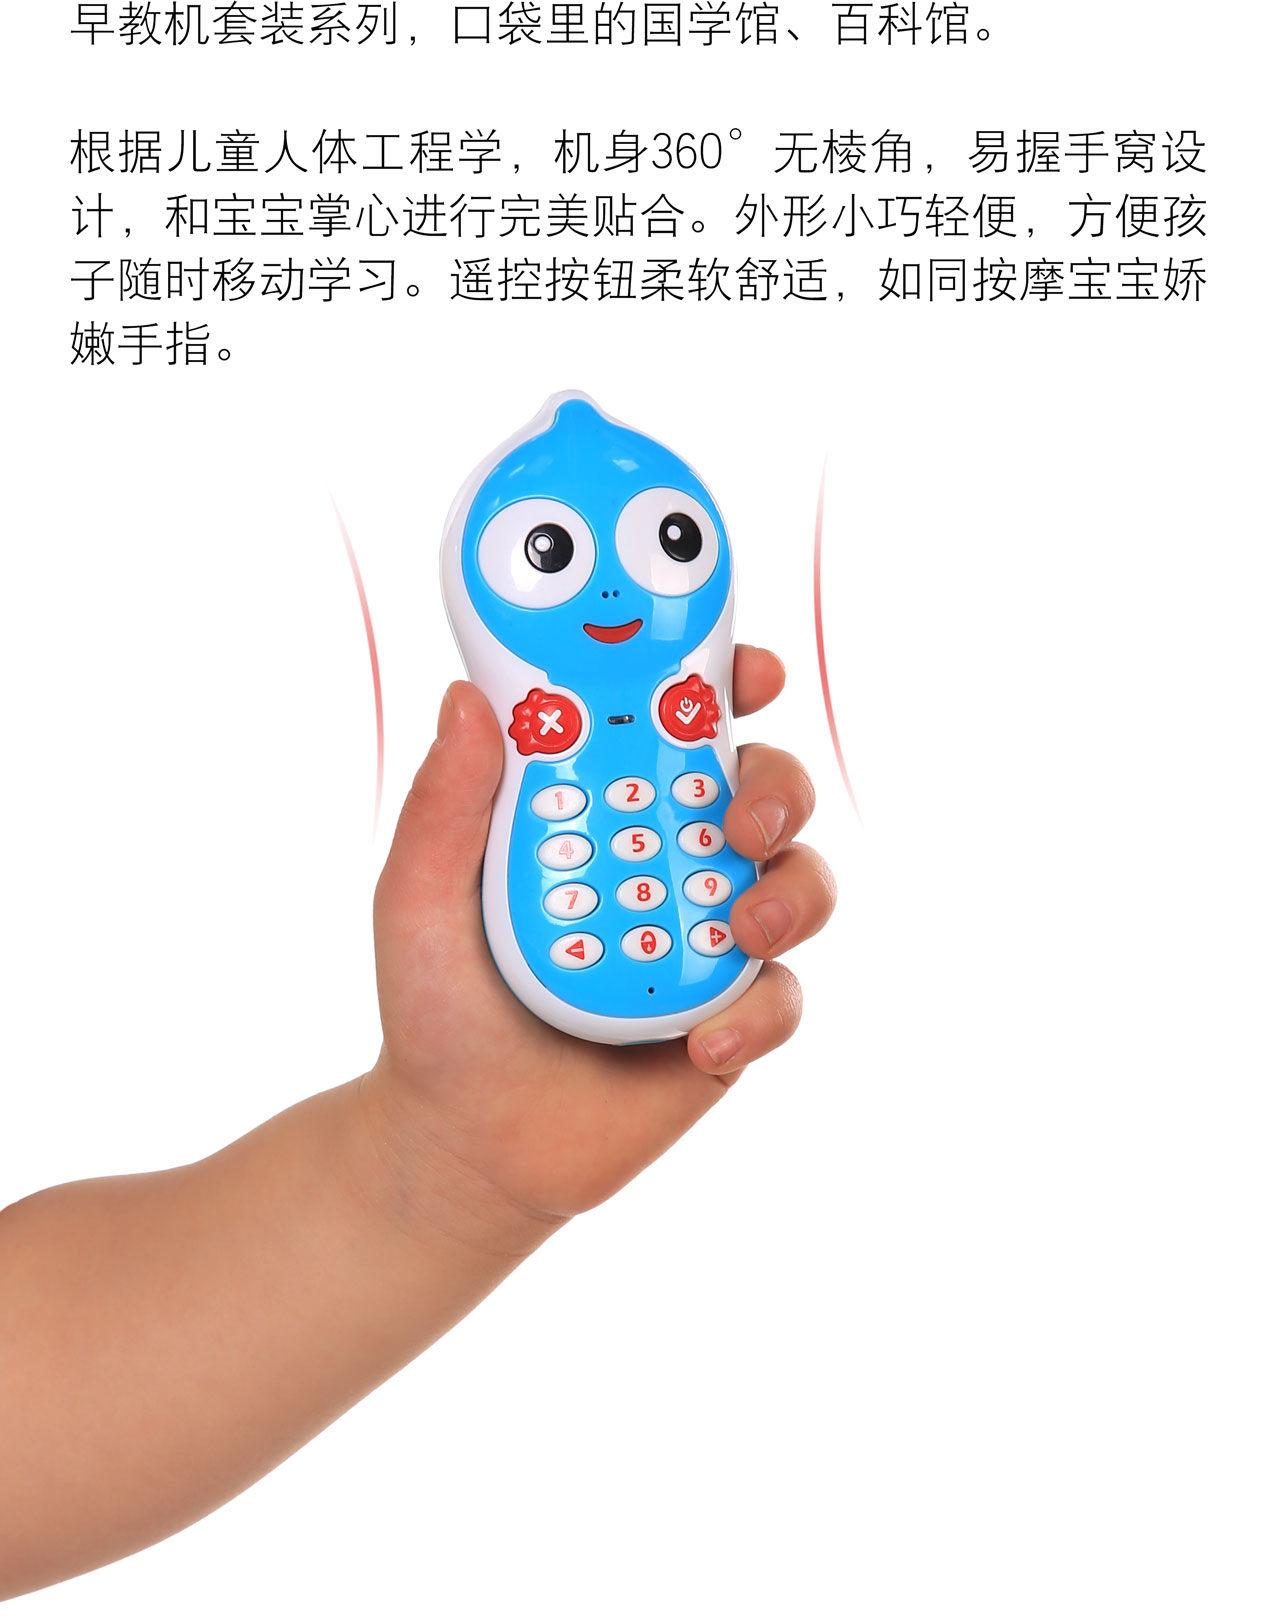 早教机套装系列,口袋里的国学馆、百科馆。  根据儿童人体工程学,机身360°无棱角,易握手窝设 计,和宝宝掌心进行完美贴合。外形小巧轻便,方便孩 子随时移动学习。遥控按钮柔软舒适,如同按摩宝宝娇 嫩手指。